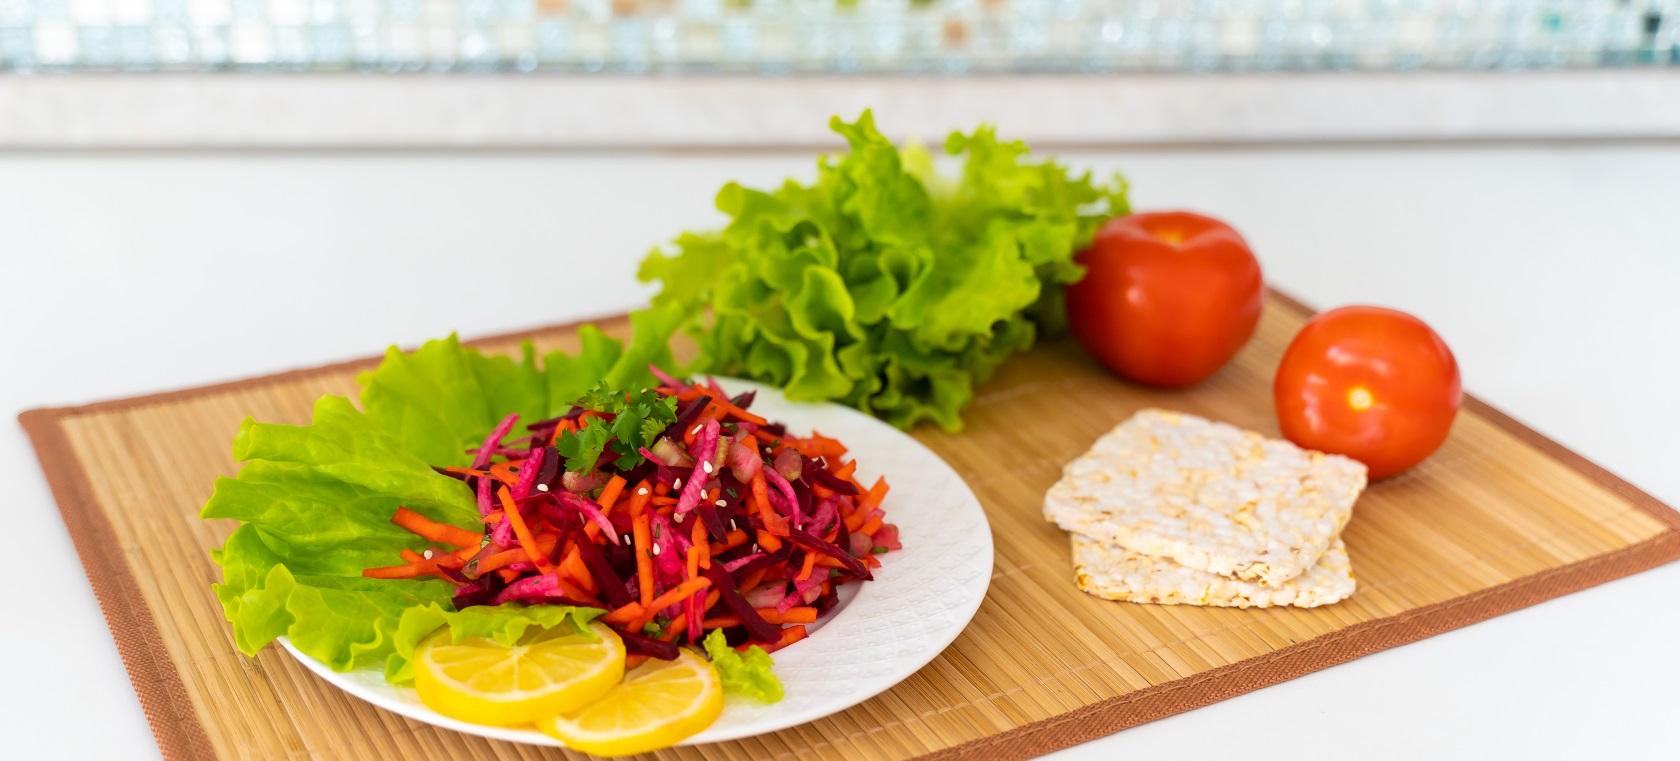 Салат из свеклы для очищения кишечника